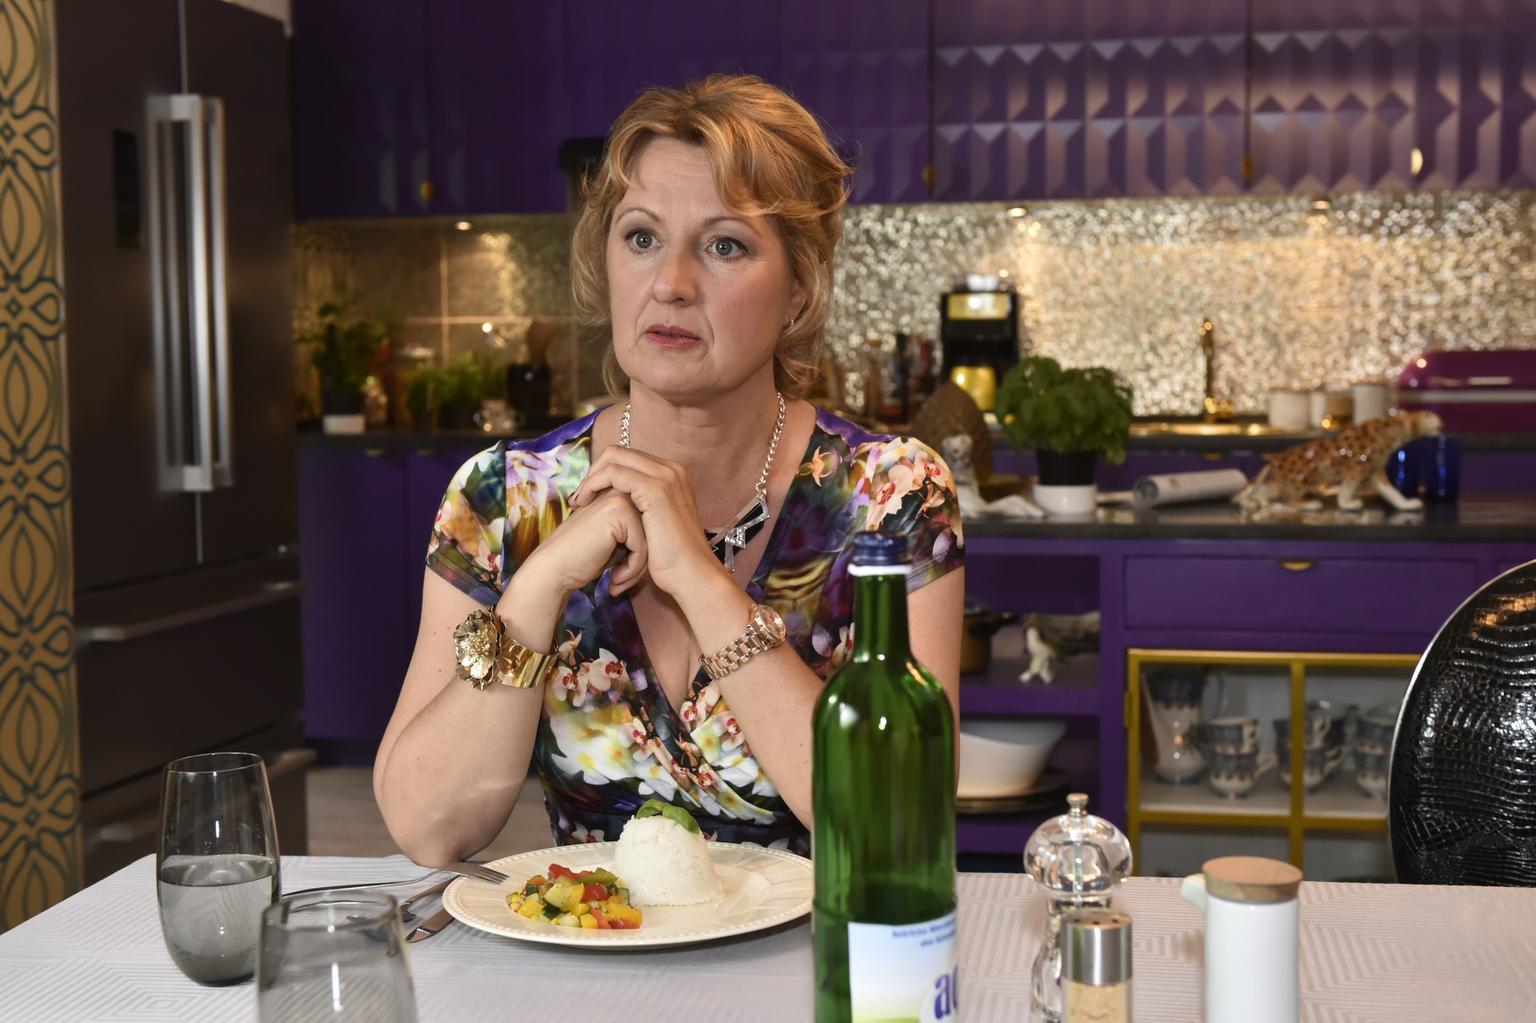 Ist von ihrer großen Tochter enttäuscht, da diese auf der Verlobungsfeier ihrer Schwester einfach abgehauen ist: Felicitas (Claudia Lietz) ... (Quelle: Sat1)